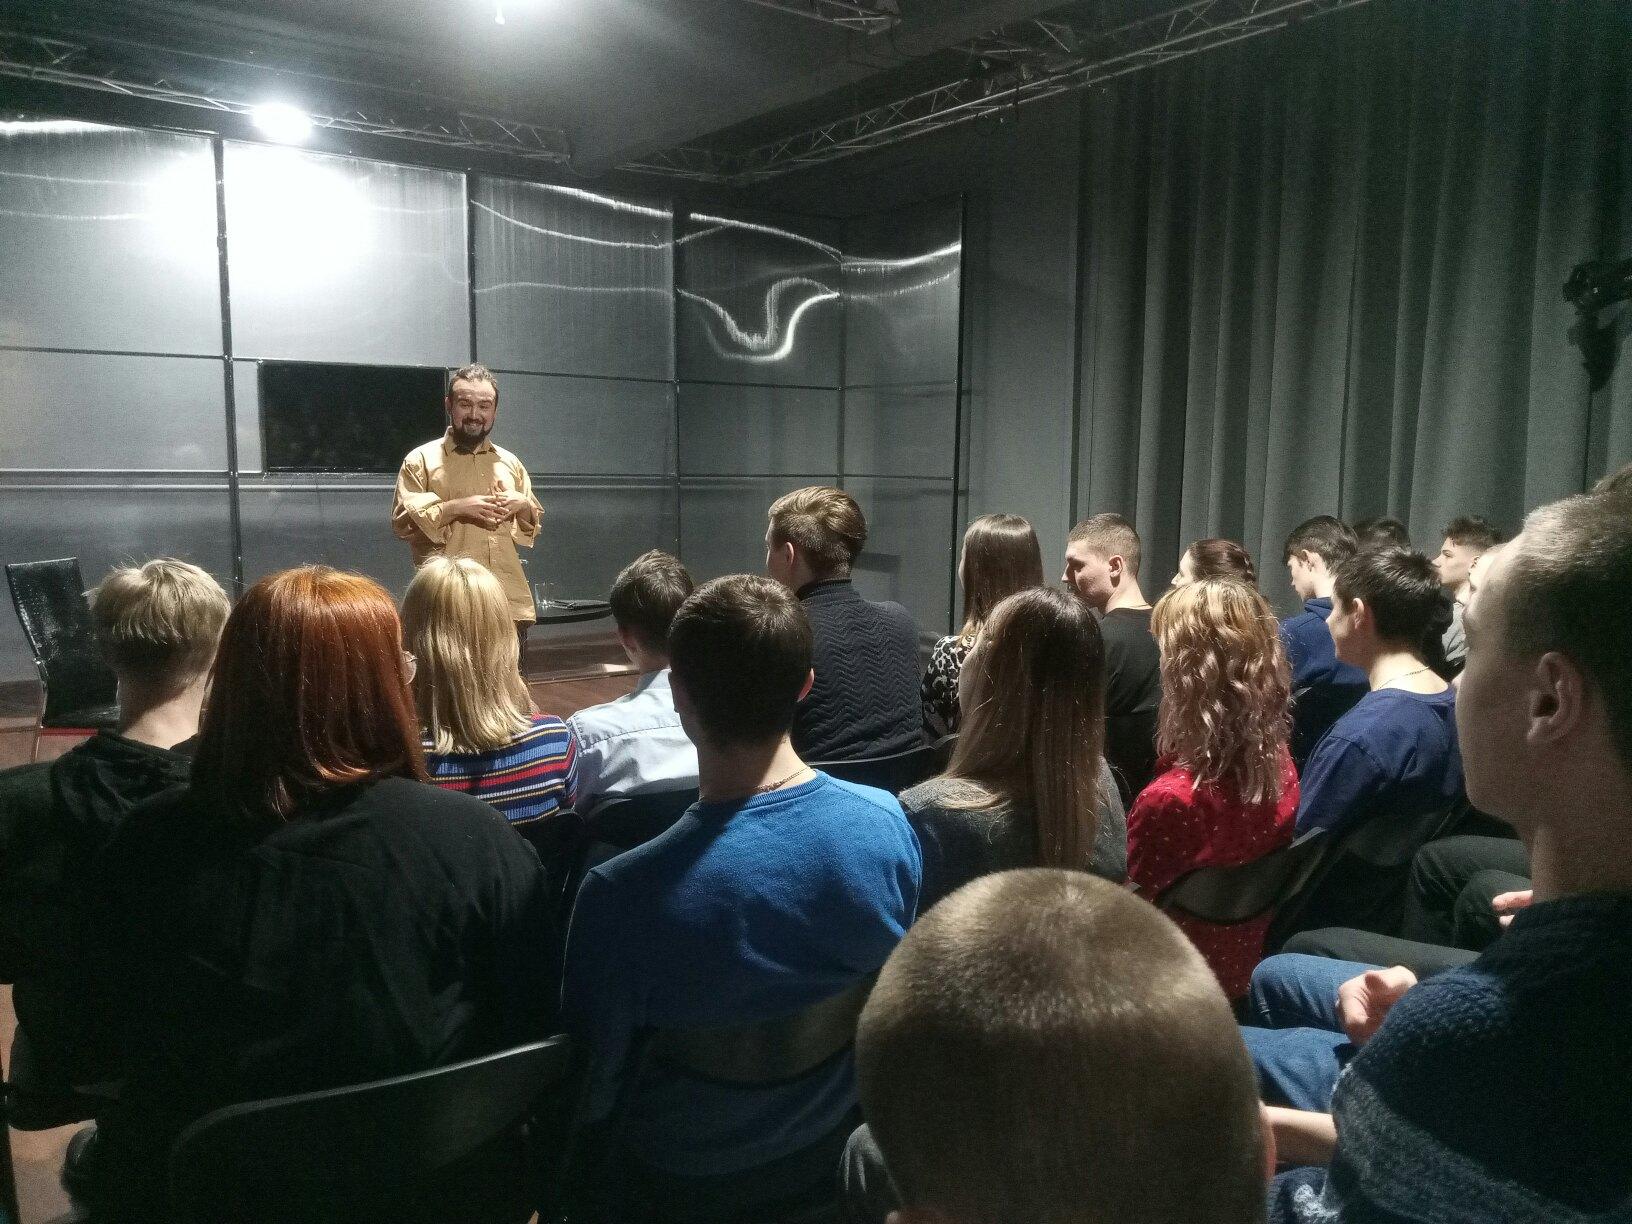 Студенты Техникума нефти и газа приняли участие в проекте Театр Образование (5)